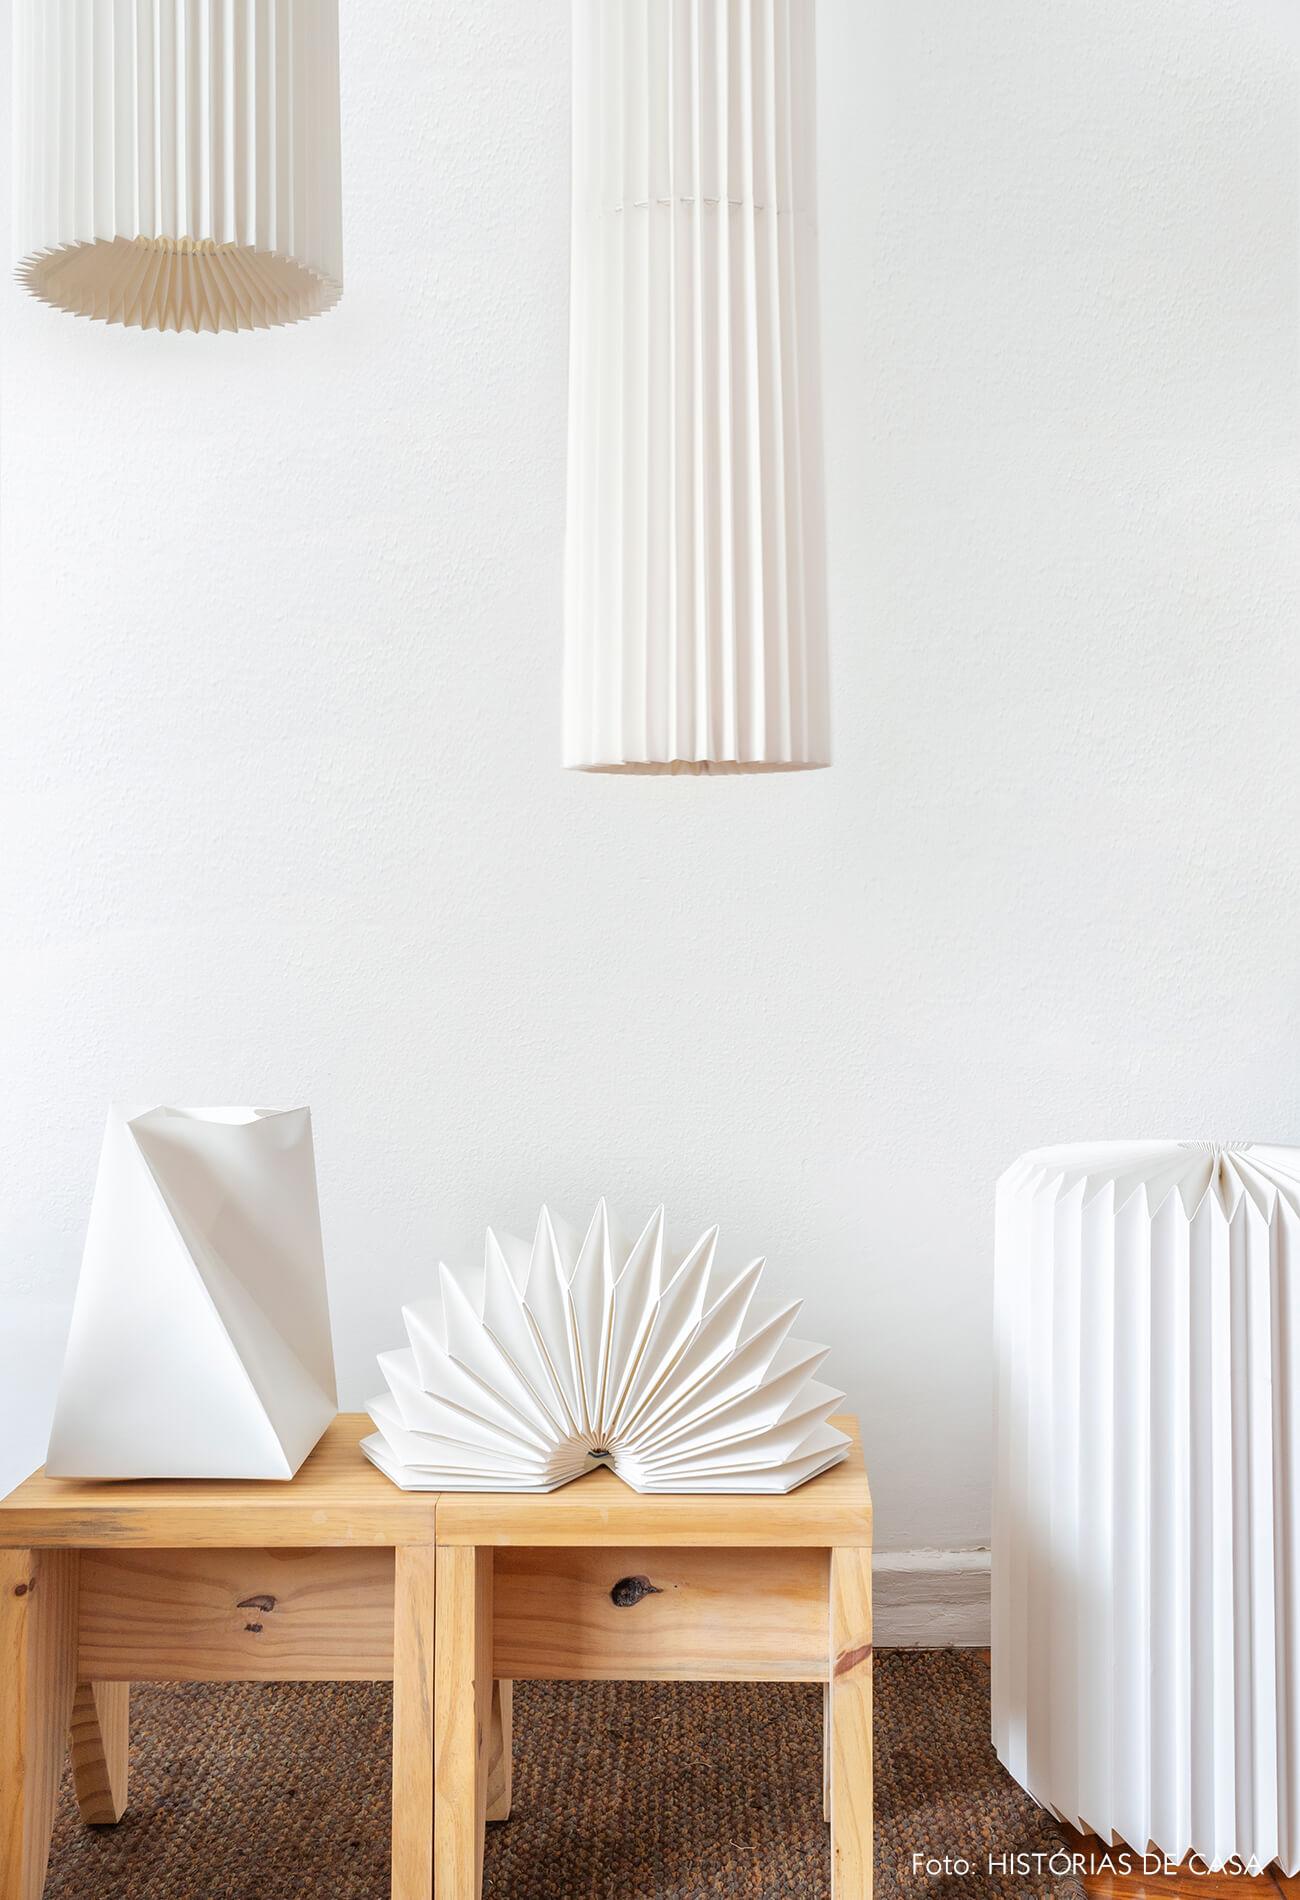 Ateliê da designer de luminárias Mel Kawahara